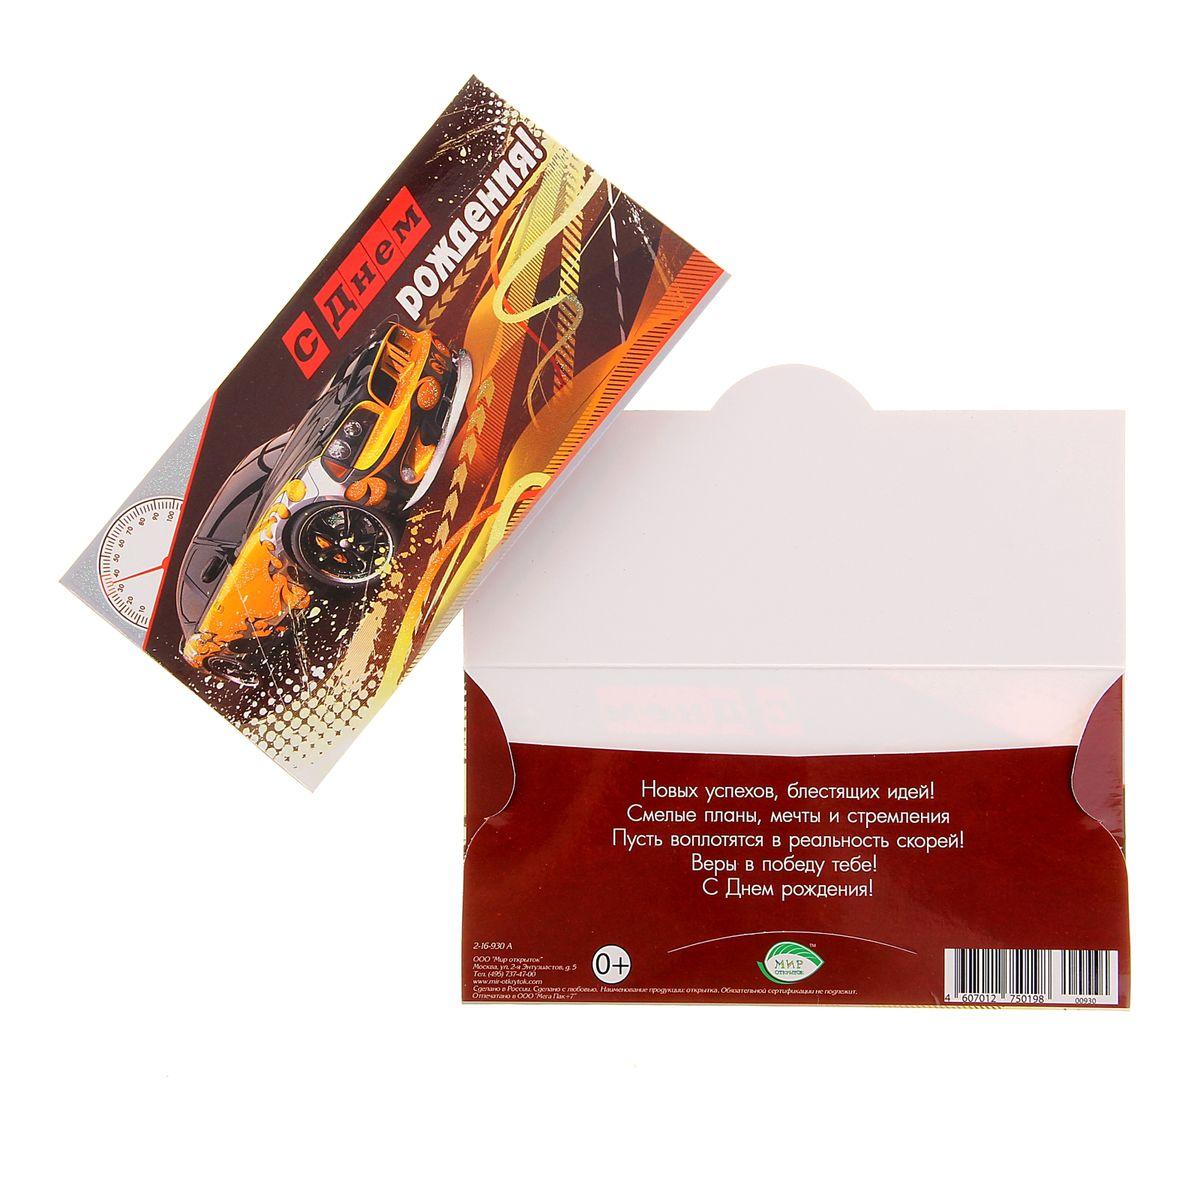 Конверт для денег С Днем Рождения!. 10520101052010Конверт для денег С Днем Рождения! выполнен из плотной бумаги и украшен яркой картинкой. Это необычная красивая одежка для денежного подарка, а так же отличная возможность сделать его более праздничным и создать прекрасное настроение!